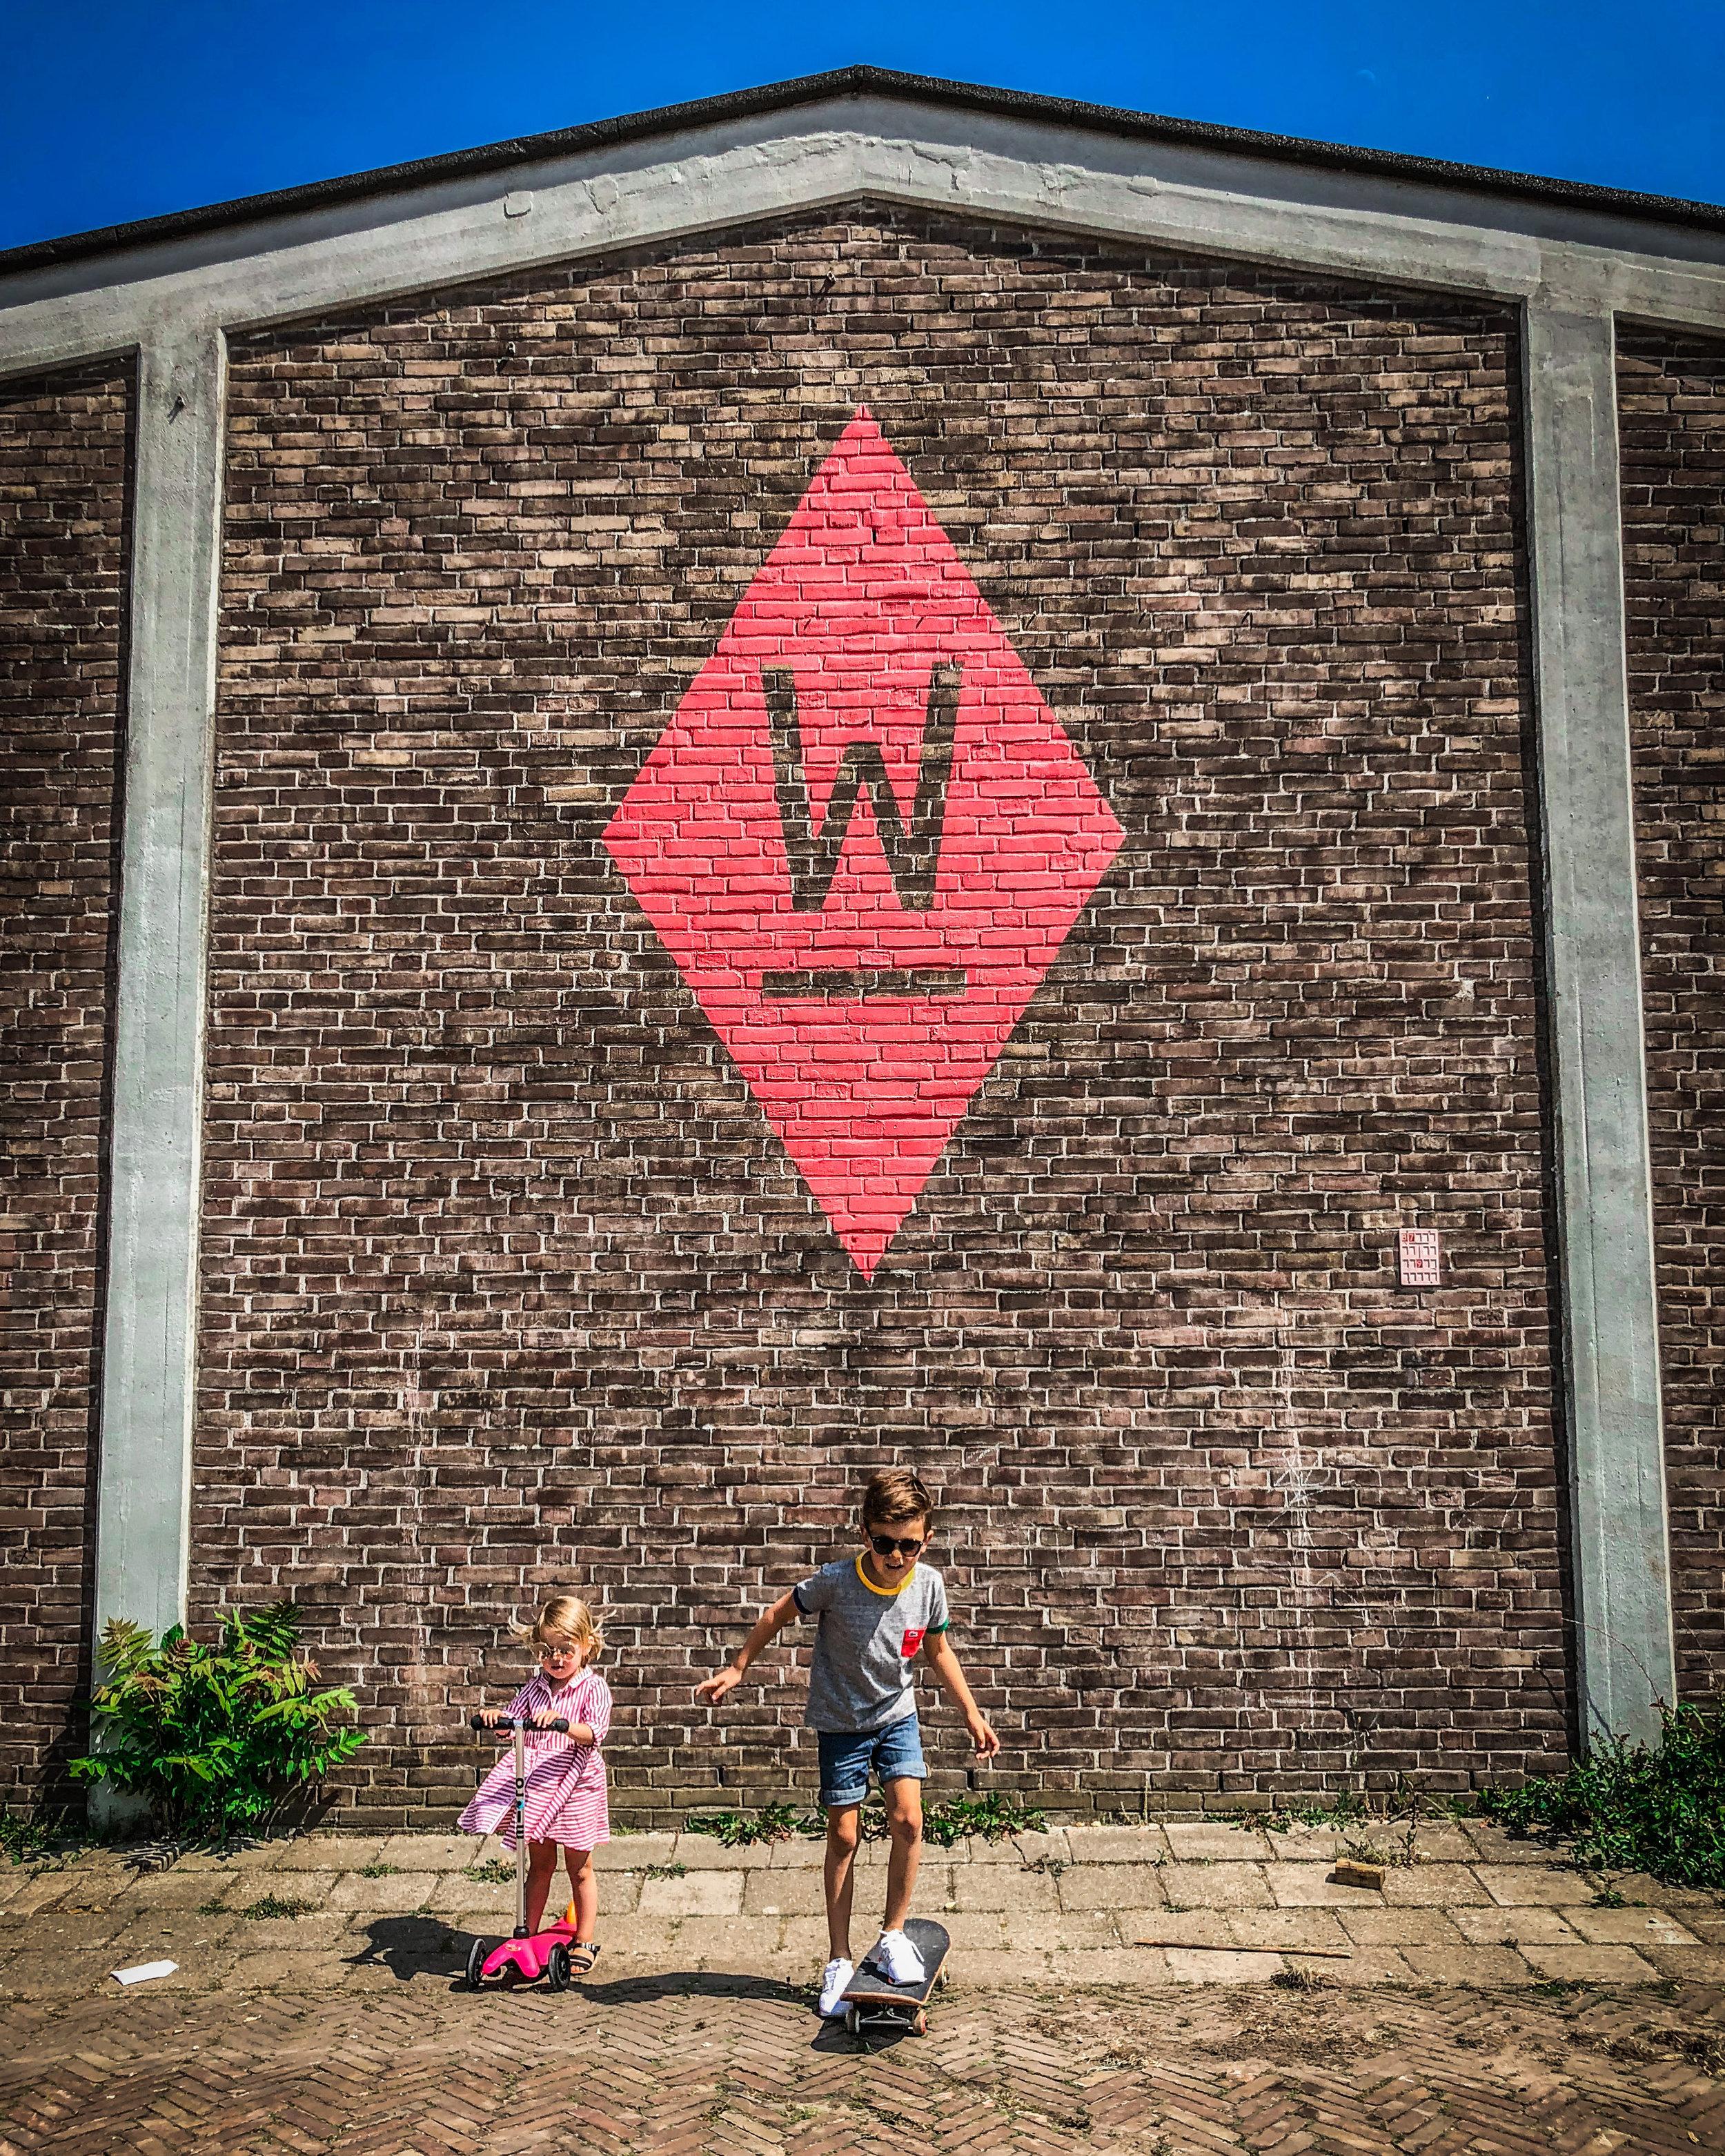 Tapijn_Met_kinderen_onderweg_Maastricht_Zuidlimburg_limburglonkt-tt.JPG